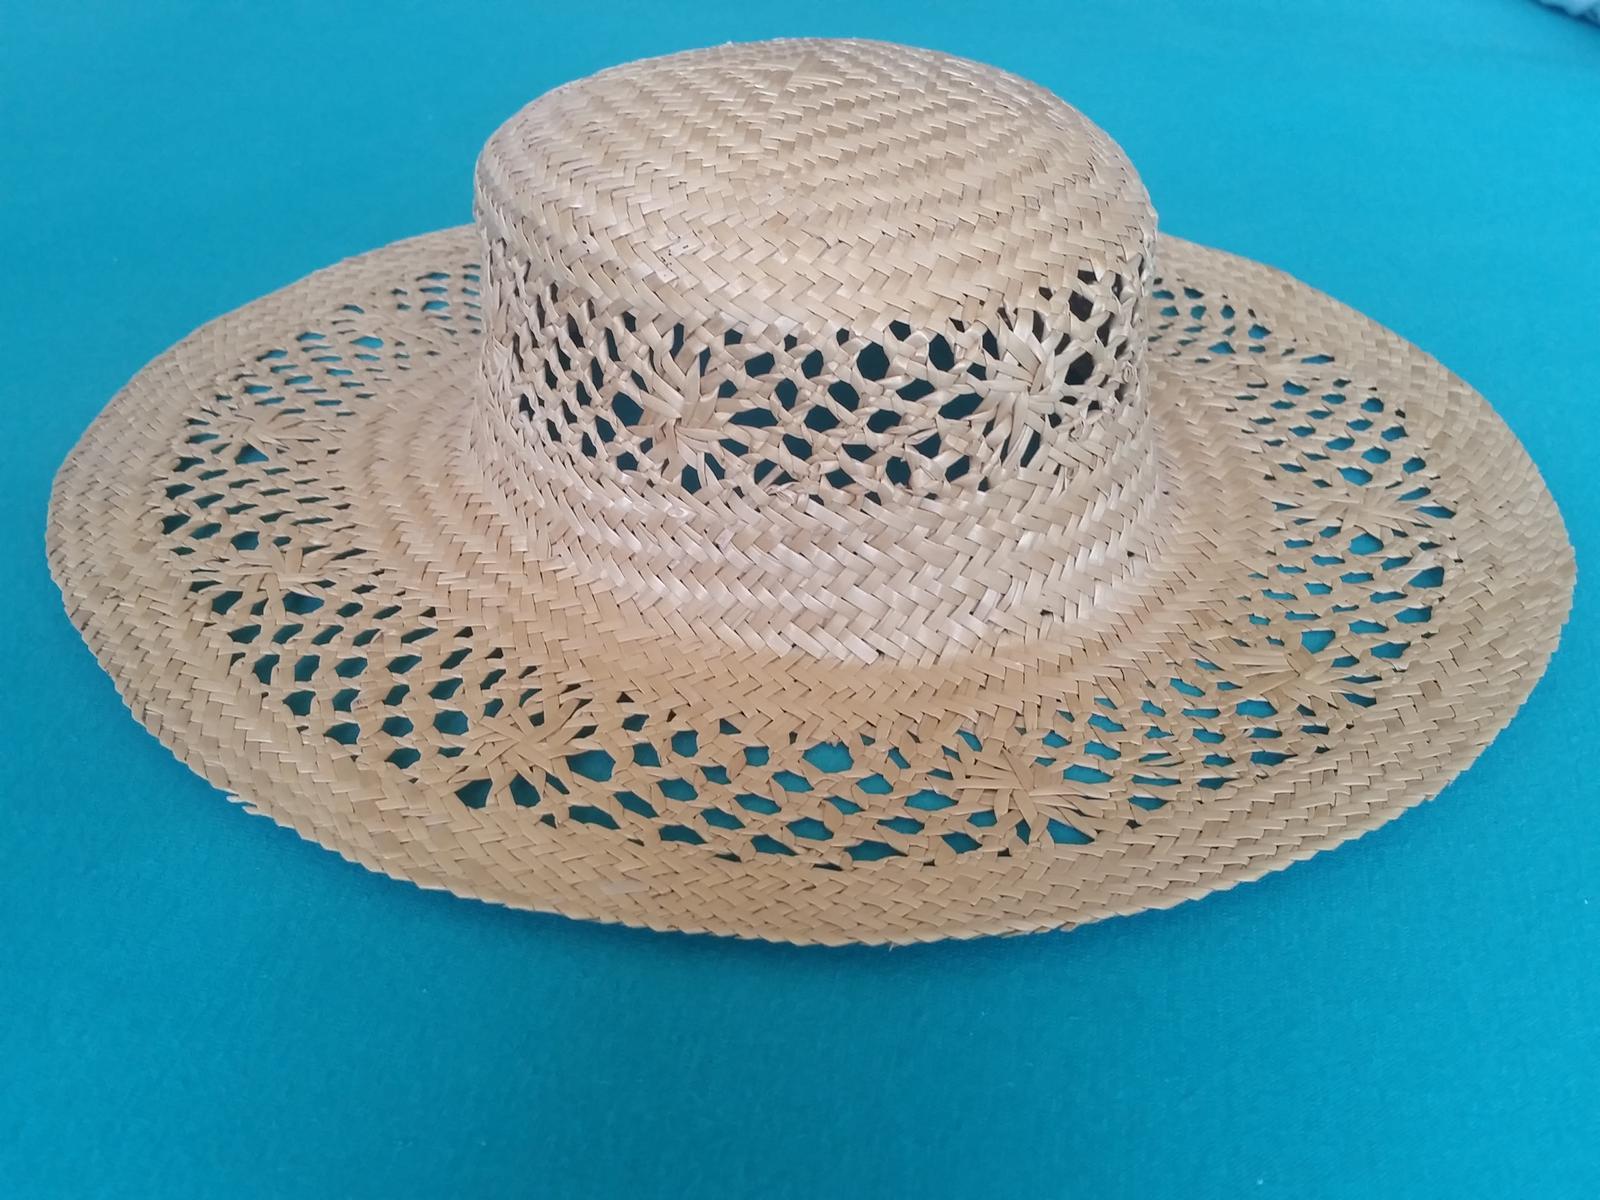 slaměný klobouk - vhodný i jako dekorace - Obrázek č. 1